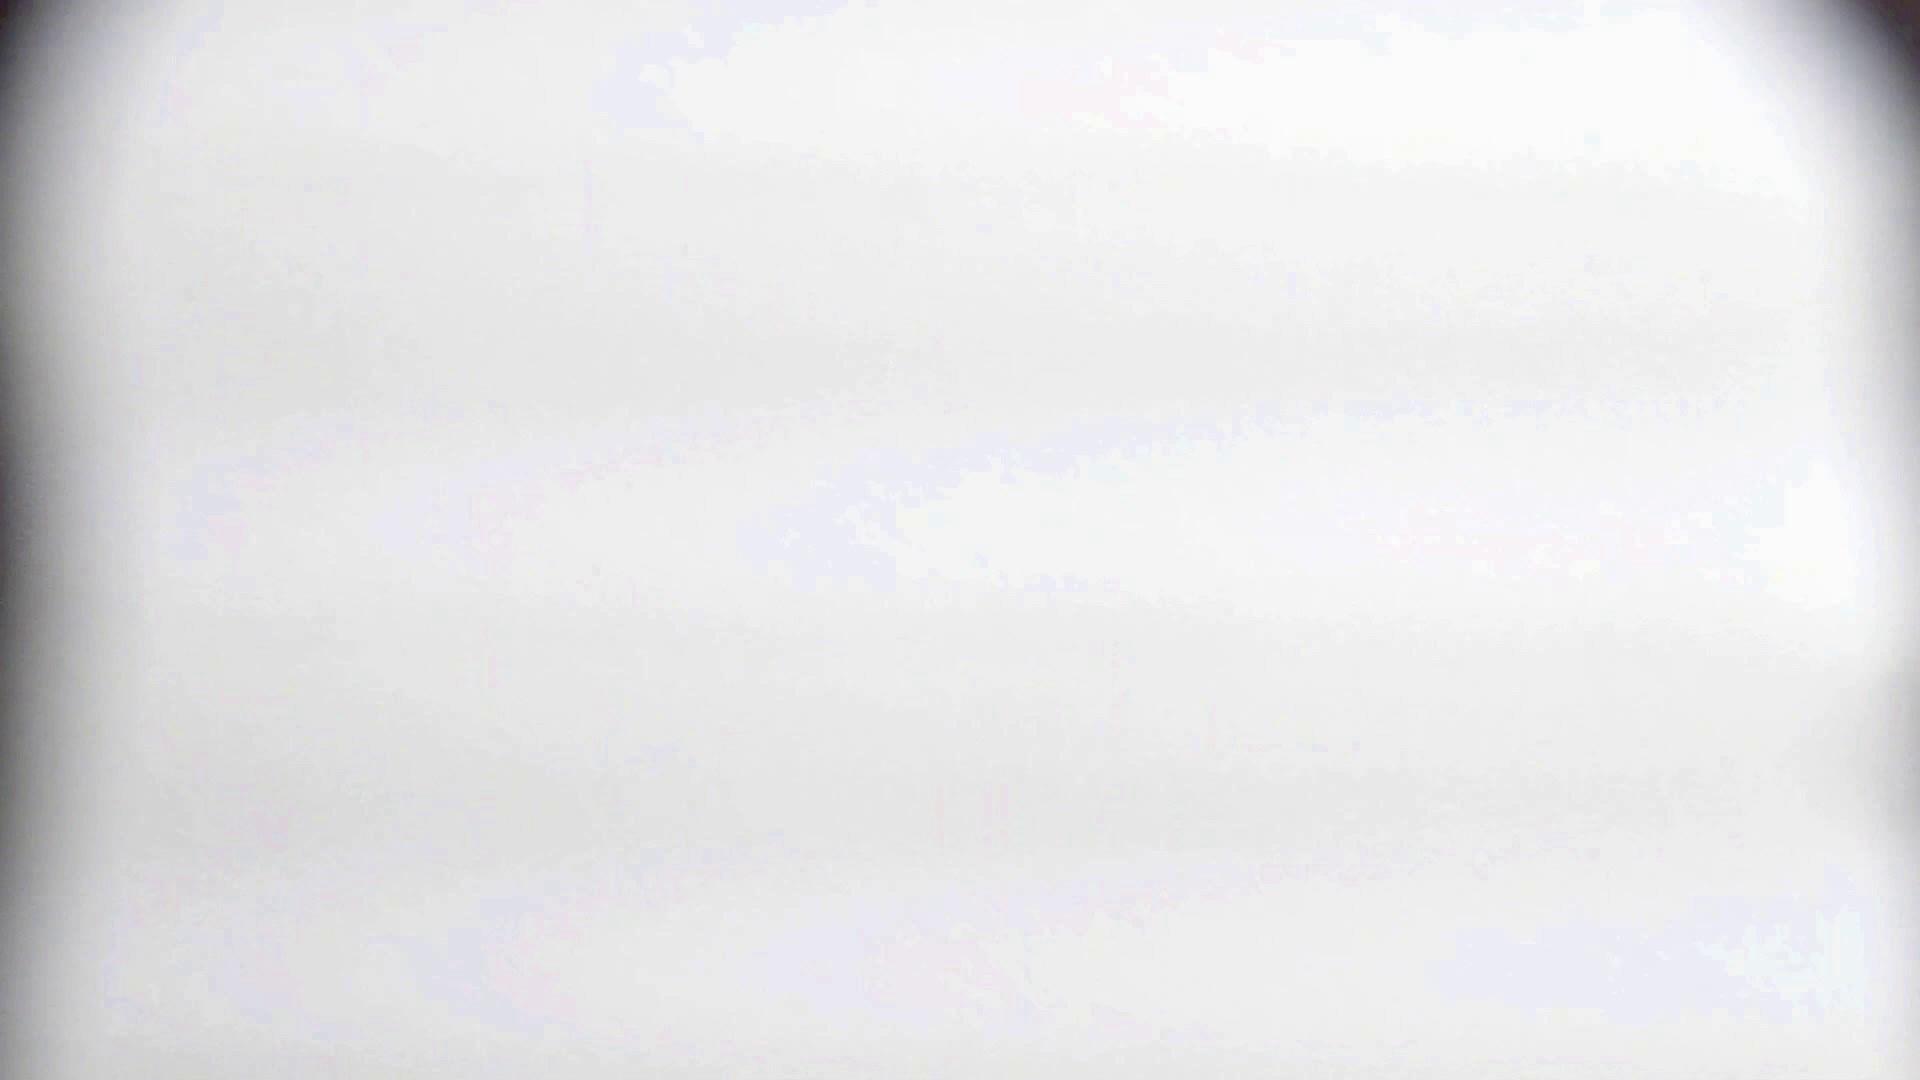 別冊「洗面所突入レポート!!」【閲覧注意!】シート的な物に興味のある方のみ! 洗面所  90PIX 46